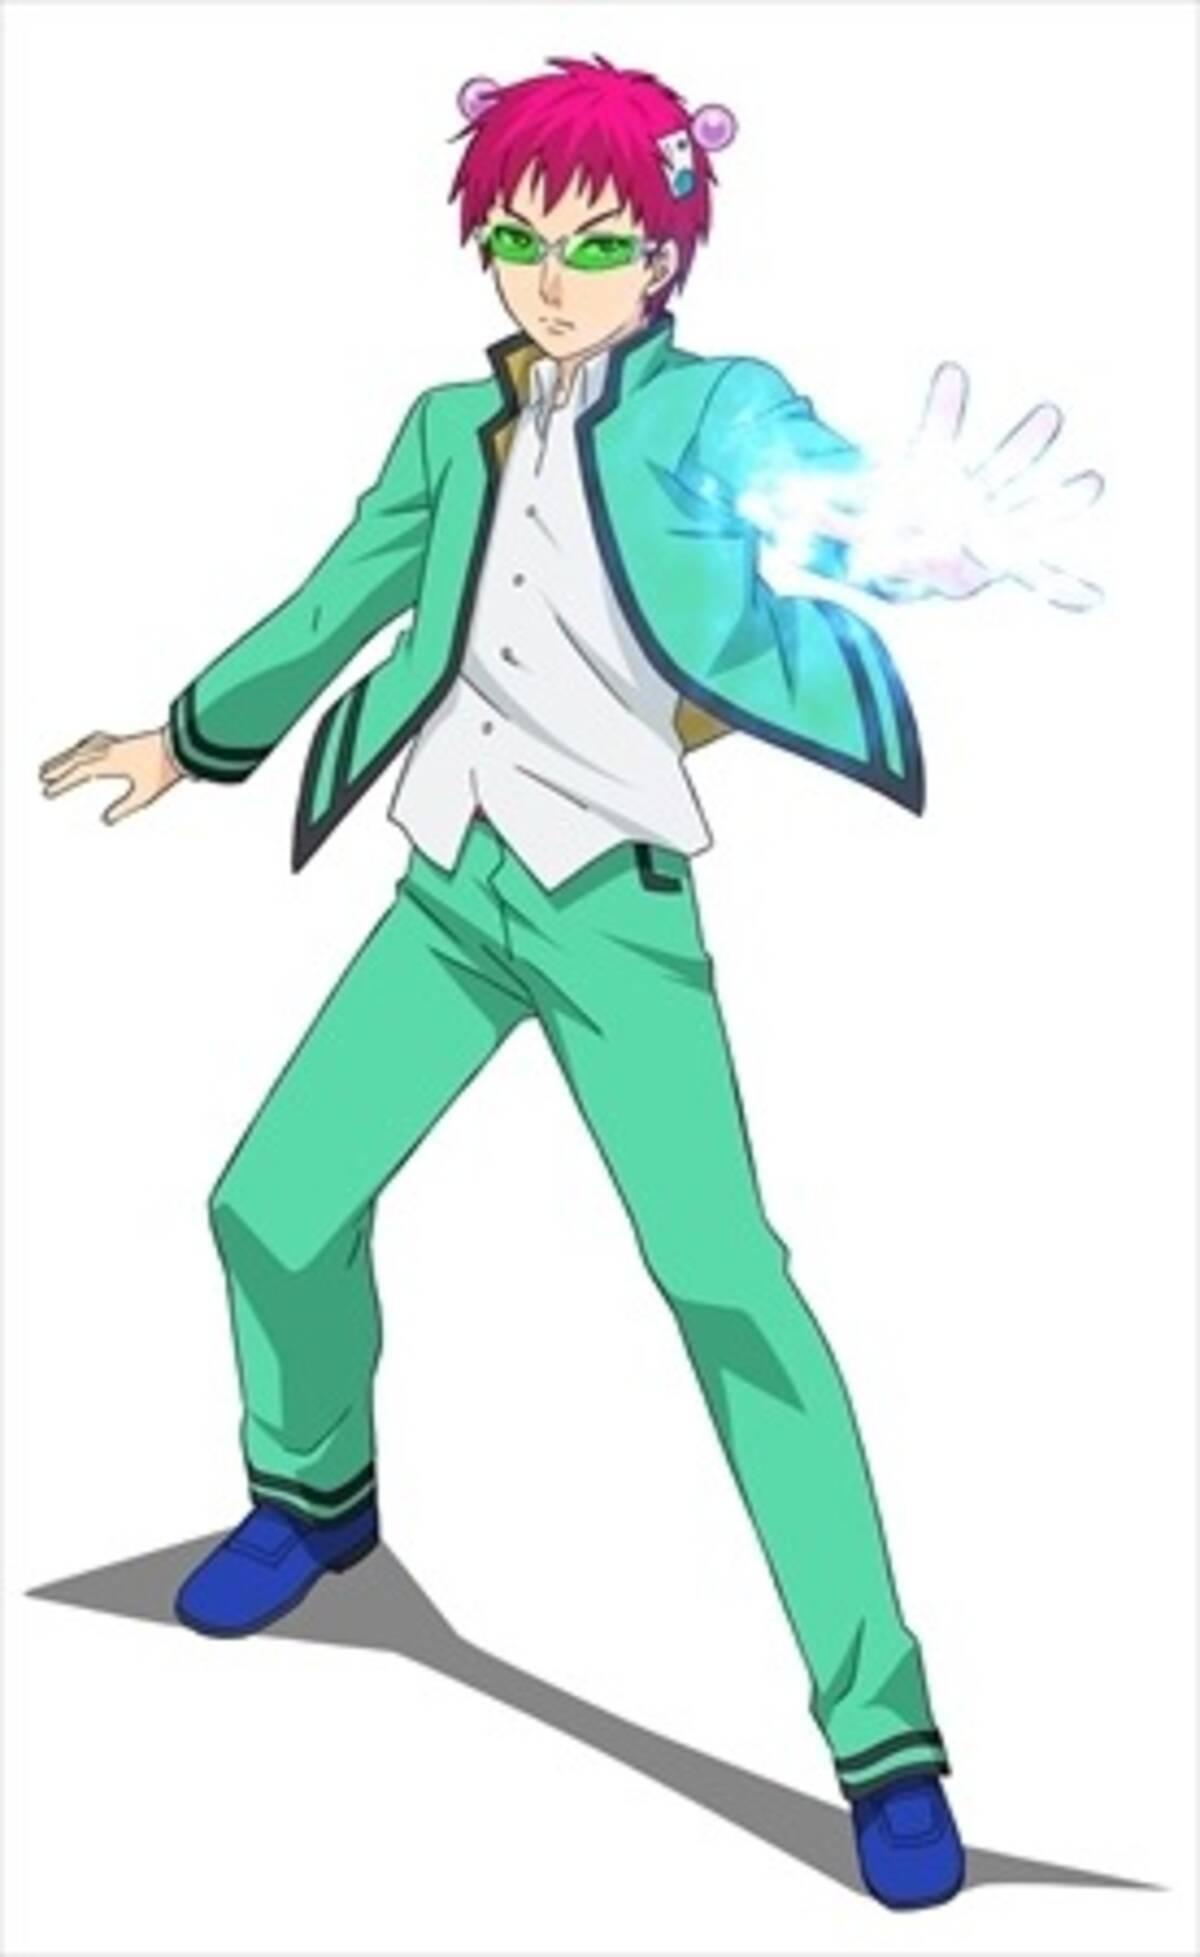 テレビアニメ 斉木楠雄のps難 7月より放送 主人公を演じるのは神谷